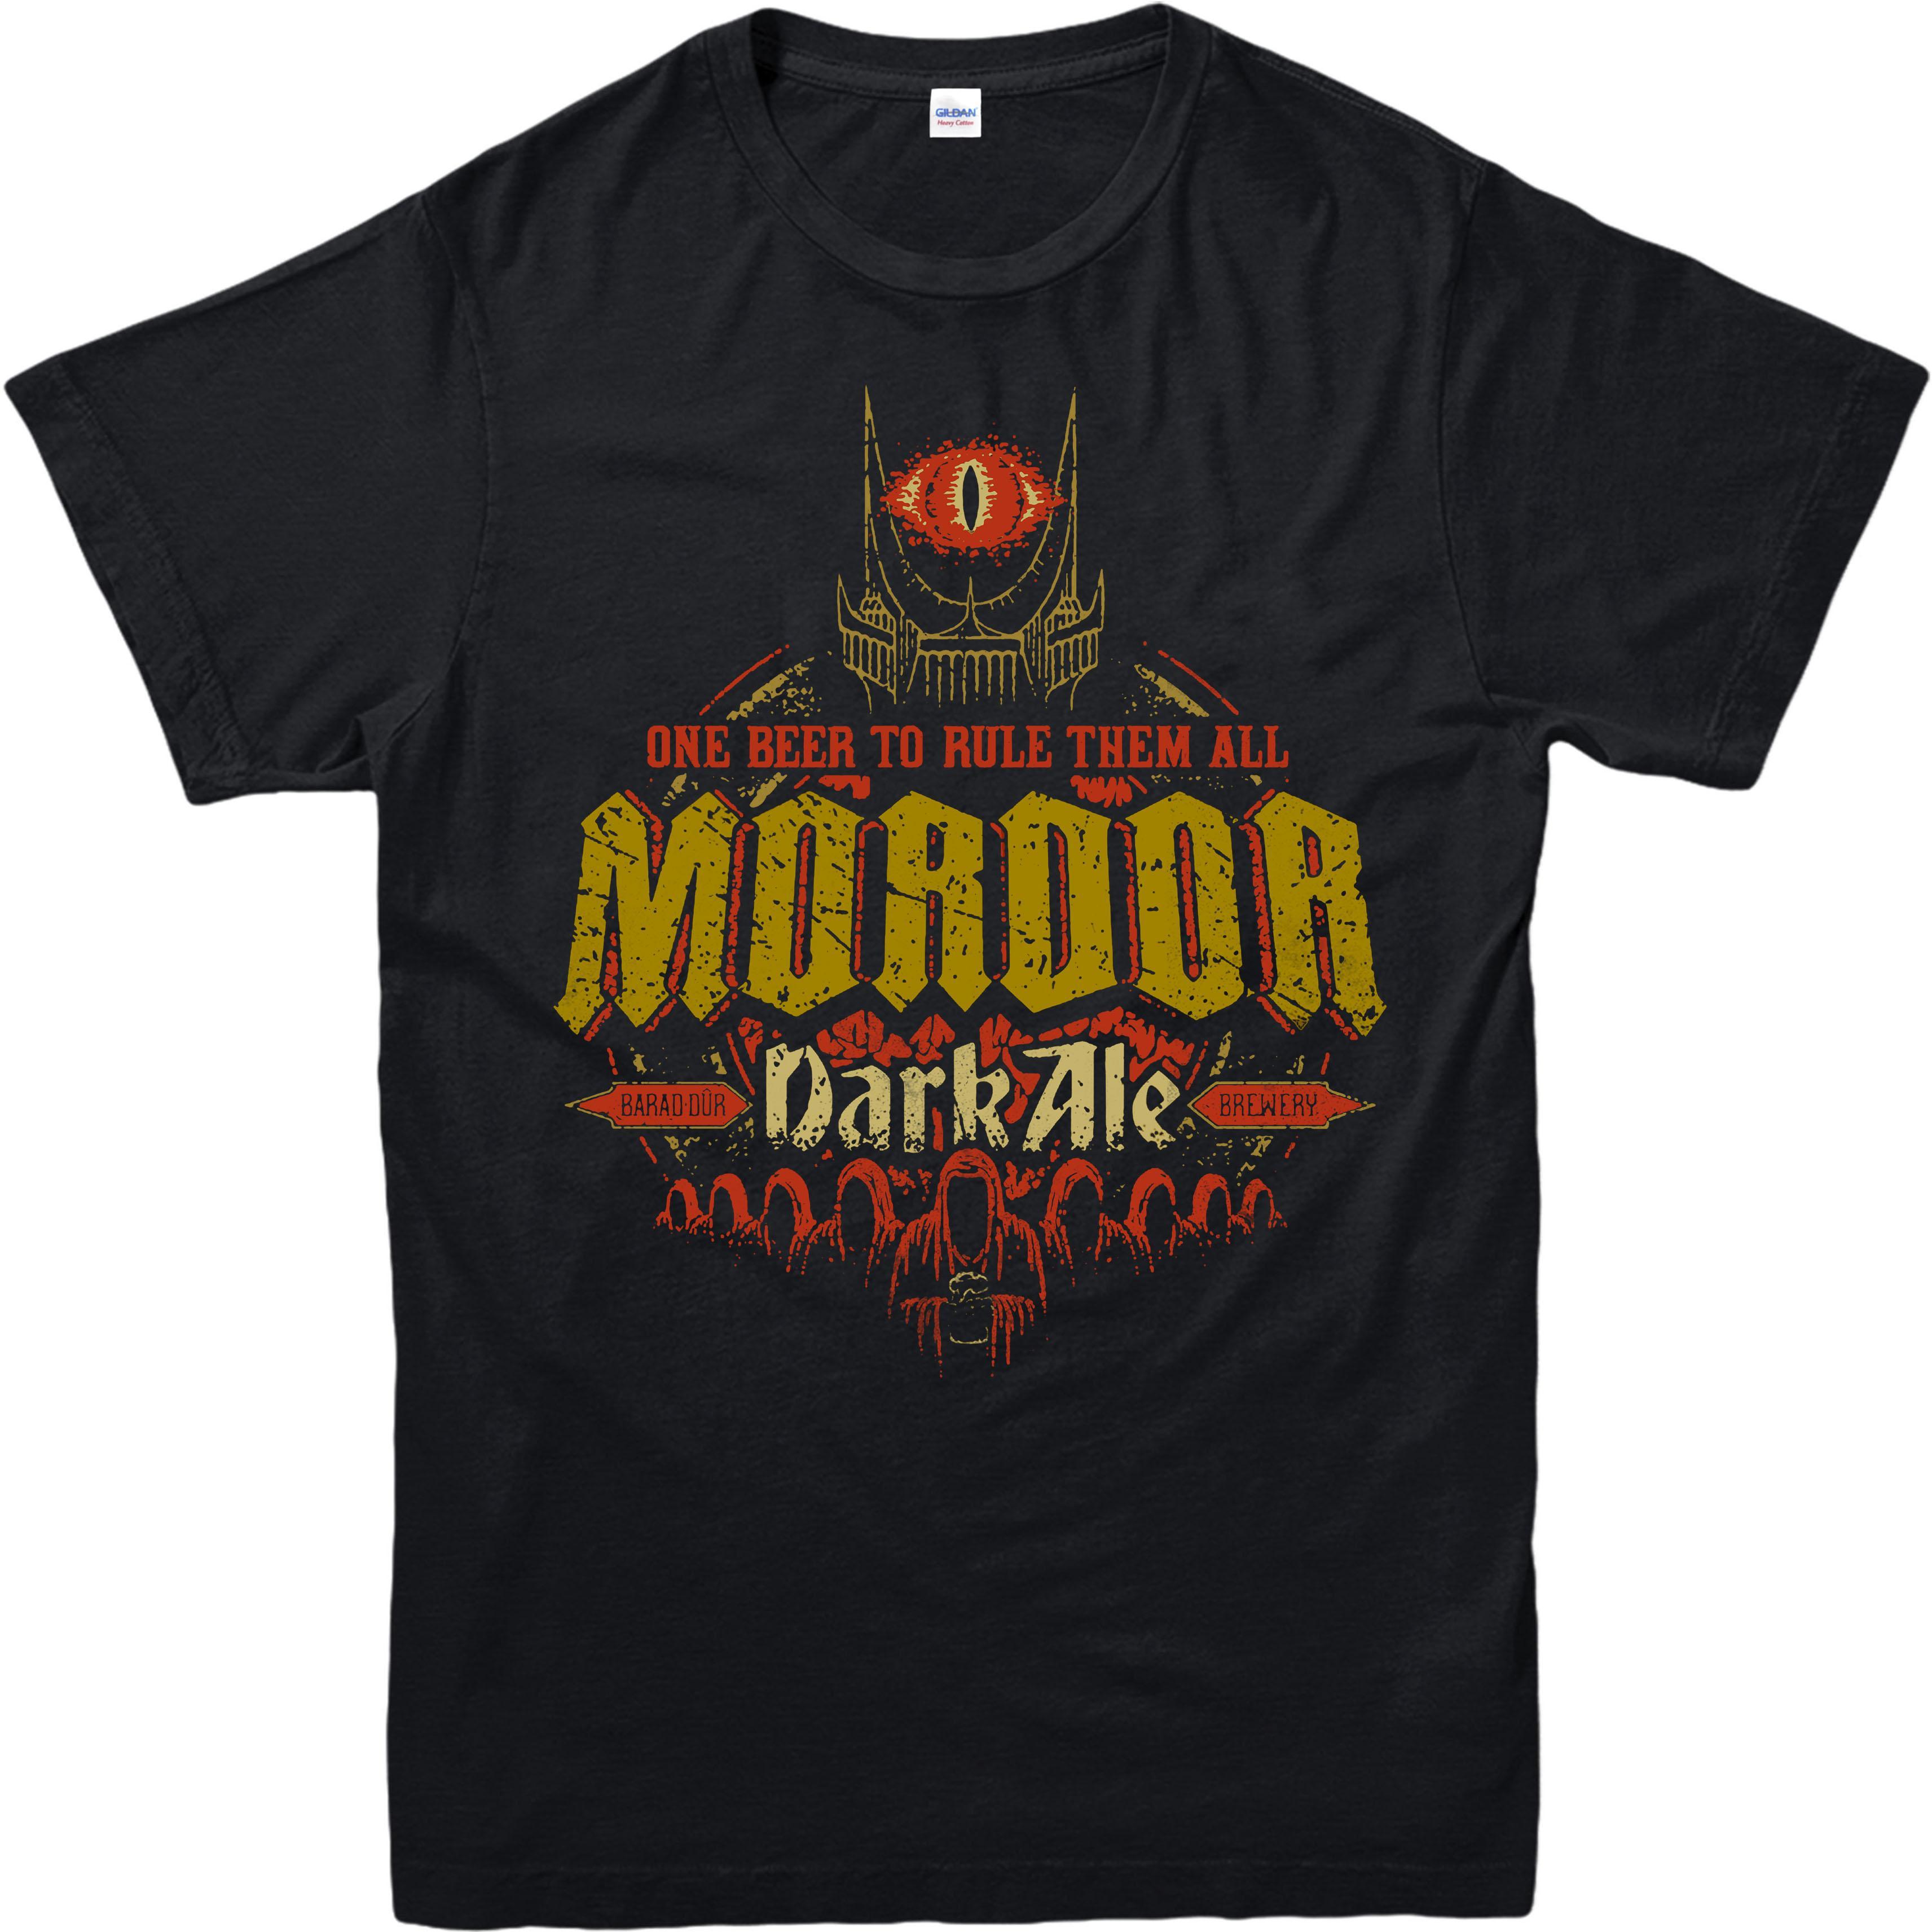 3b70b0f489d266 Großhandel Herr Der Ringe T Shirt, Mordor Dark Ale Parodie, Erwachsene Und  Kinder Größen Baumwolle Männer T Shirts Klassische Top T Grundlegende  Modelle Von ...